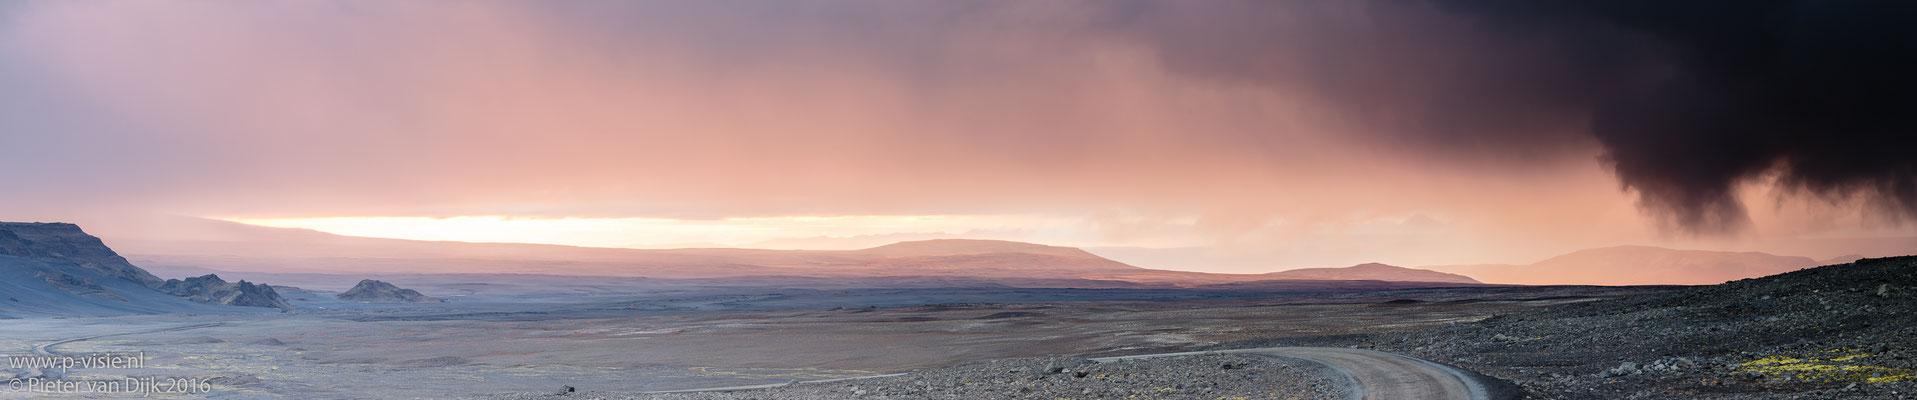 Zonsondergang in de omgeving van Langjökull